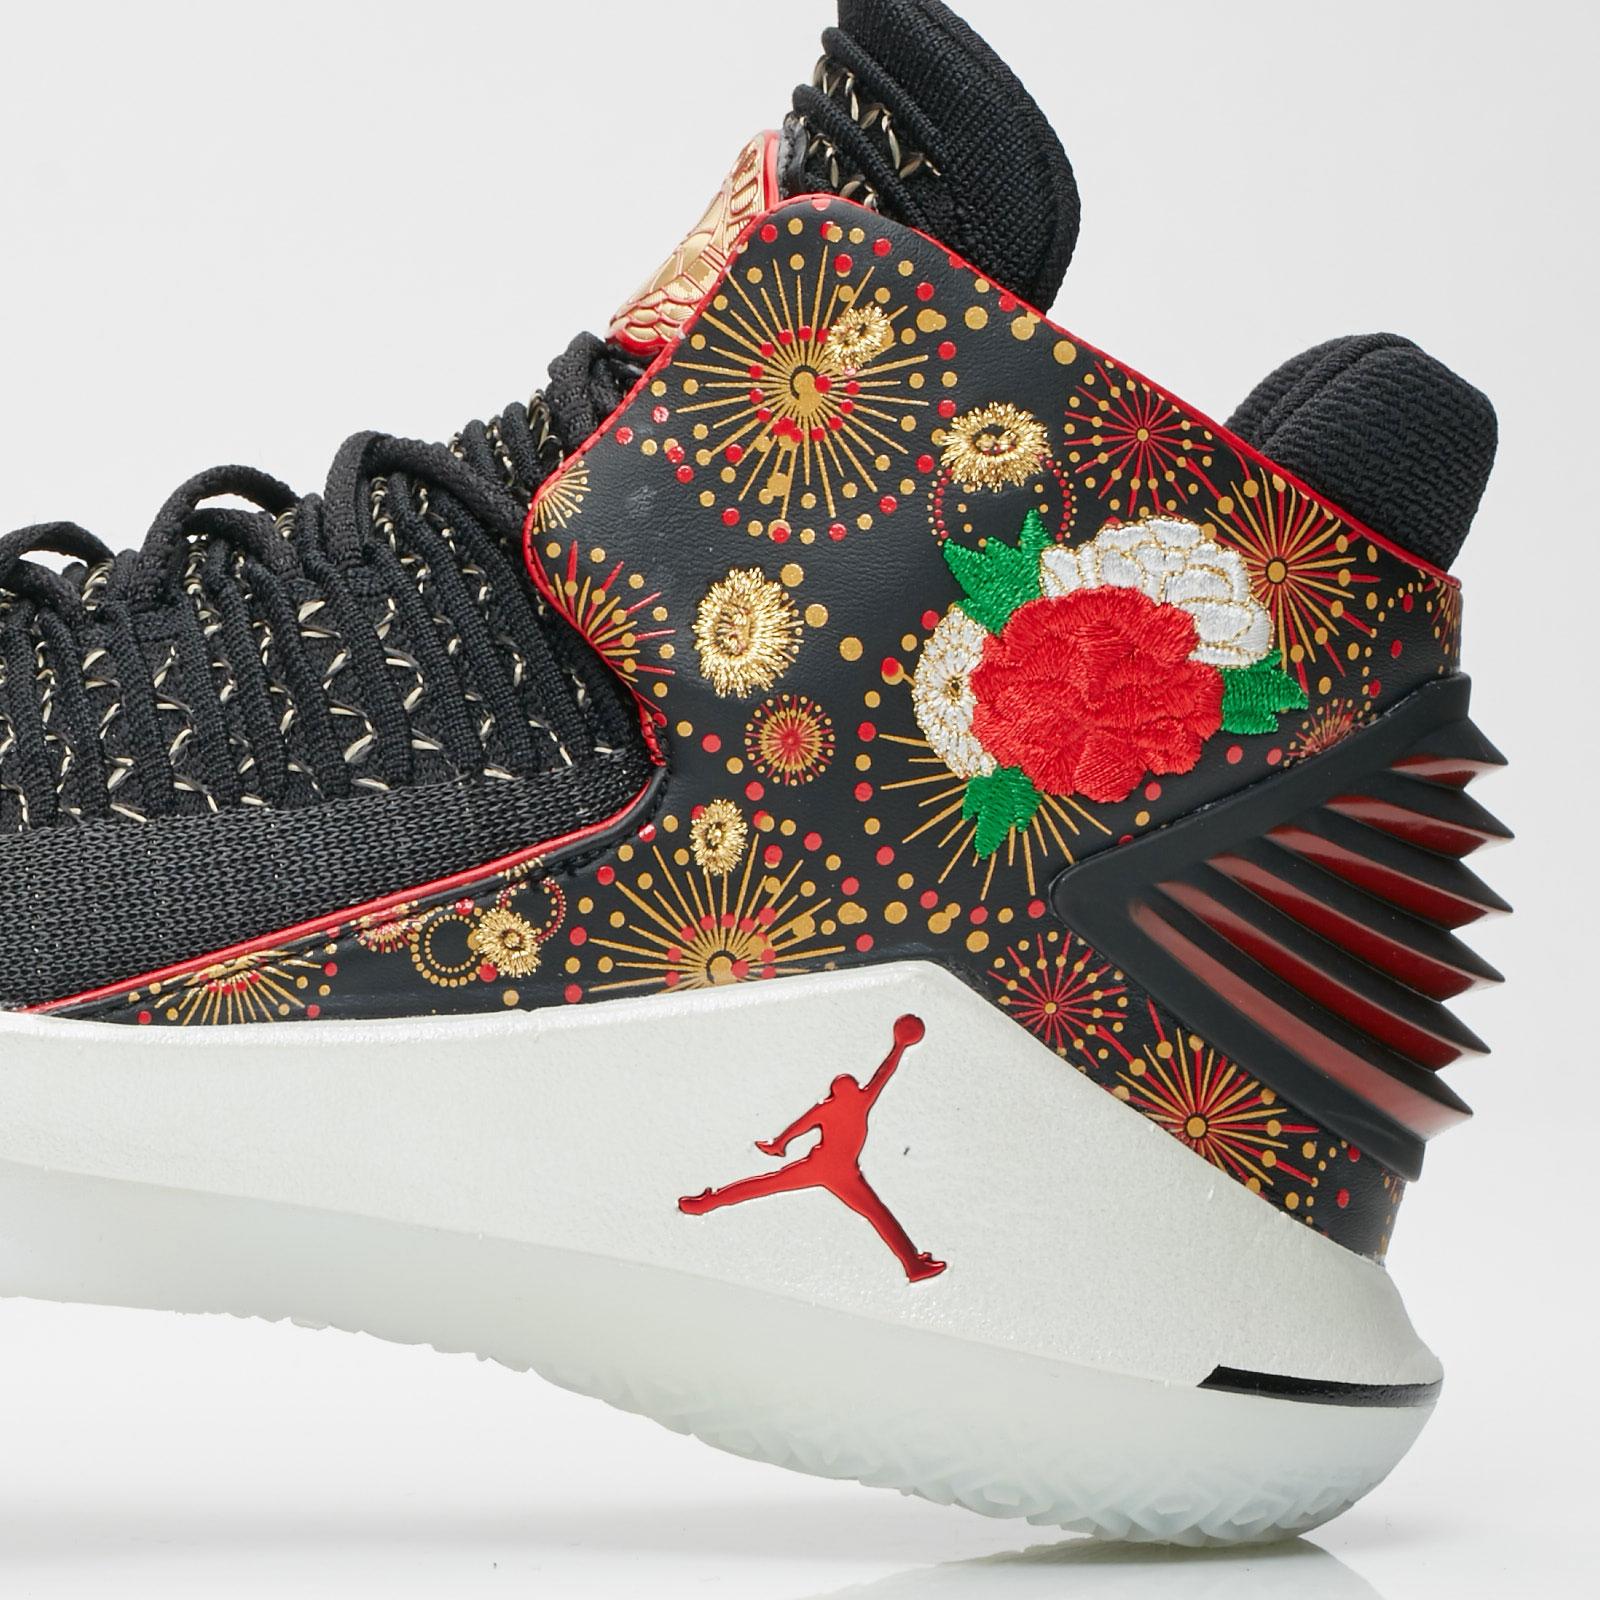 37f38f0ab79a72 Jordan Brand Air Jordan XXXII CNY - Aj6331-042 - Sneakersnstuff ...